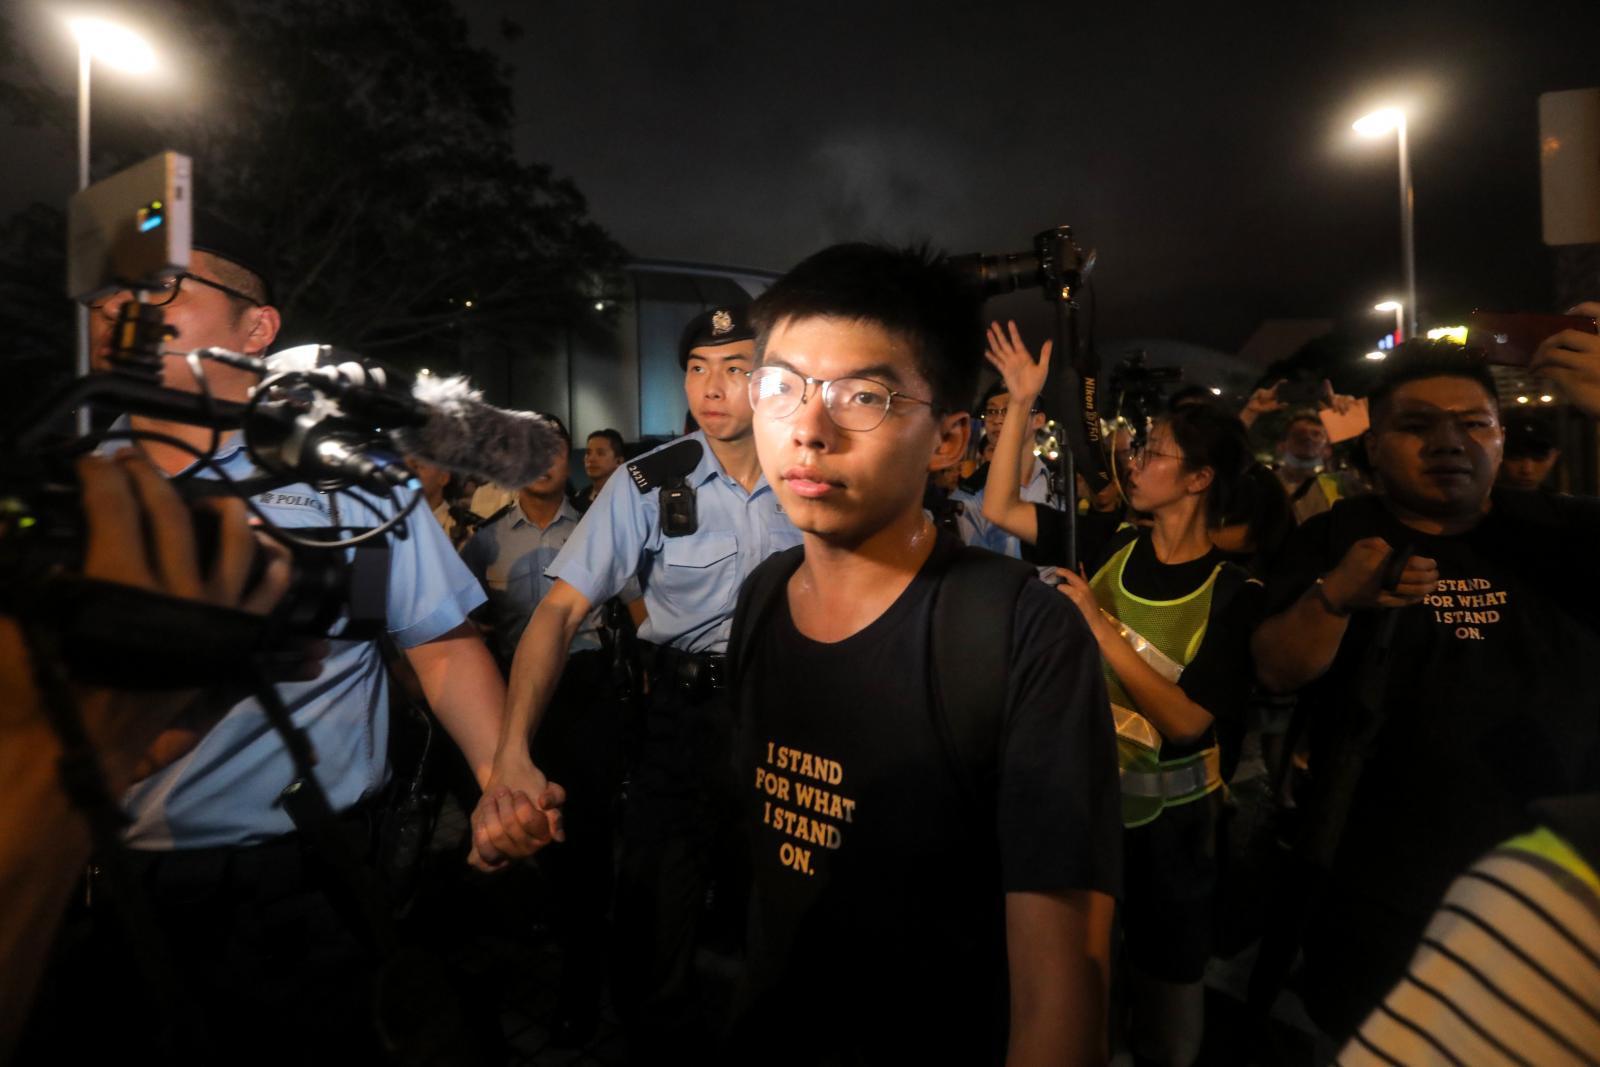 """""""โจชัว หว่อง"""" นักเคลื่อนไหวเรียกร้องประชาธิปไตยฮ่องกงถูกตร.จับ"""